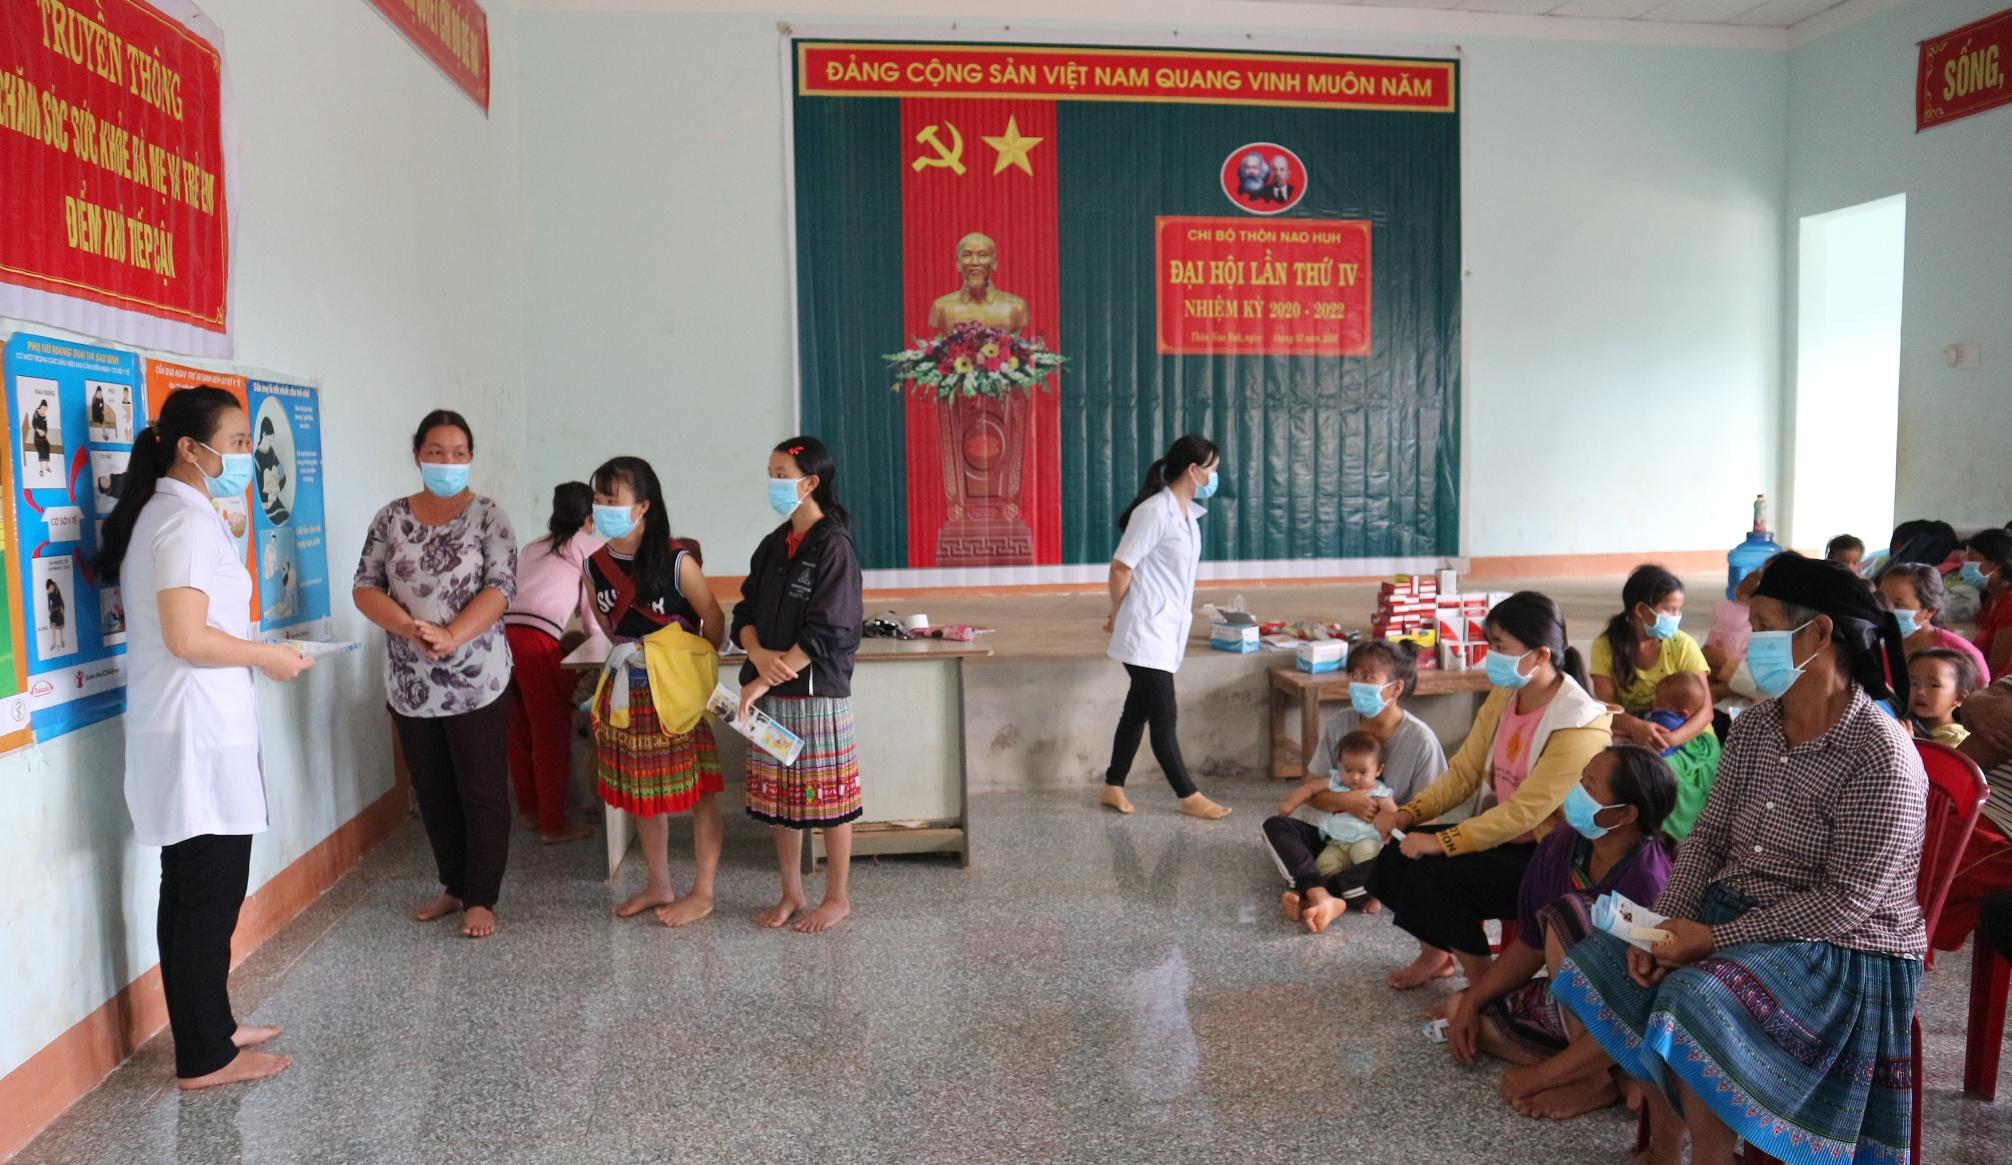 Truyền thông chăm sóc sức khỏe bà mẹ và trẻ sơ sinh tại hai huyện Lắk và Krông Bông